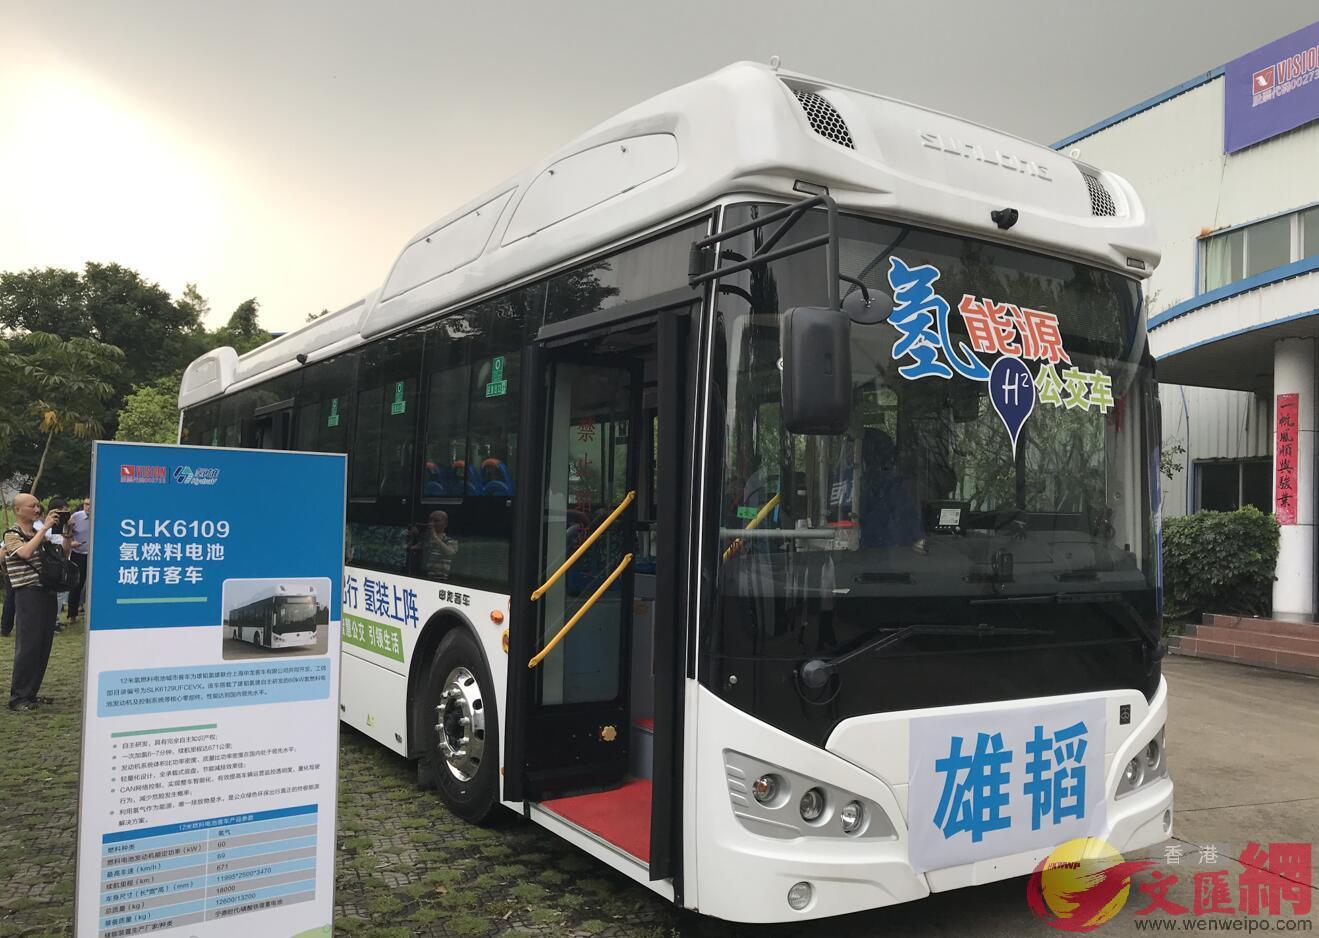 廣州加大佈局氫能源產業。圖為安裝廣州企業自主研發生產發動機系統的氫能源公交車。(敖敏輝 攝)